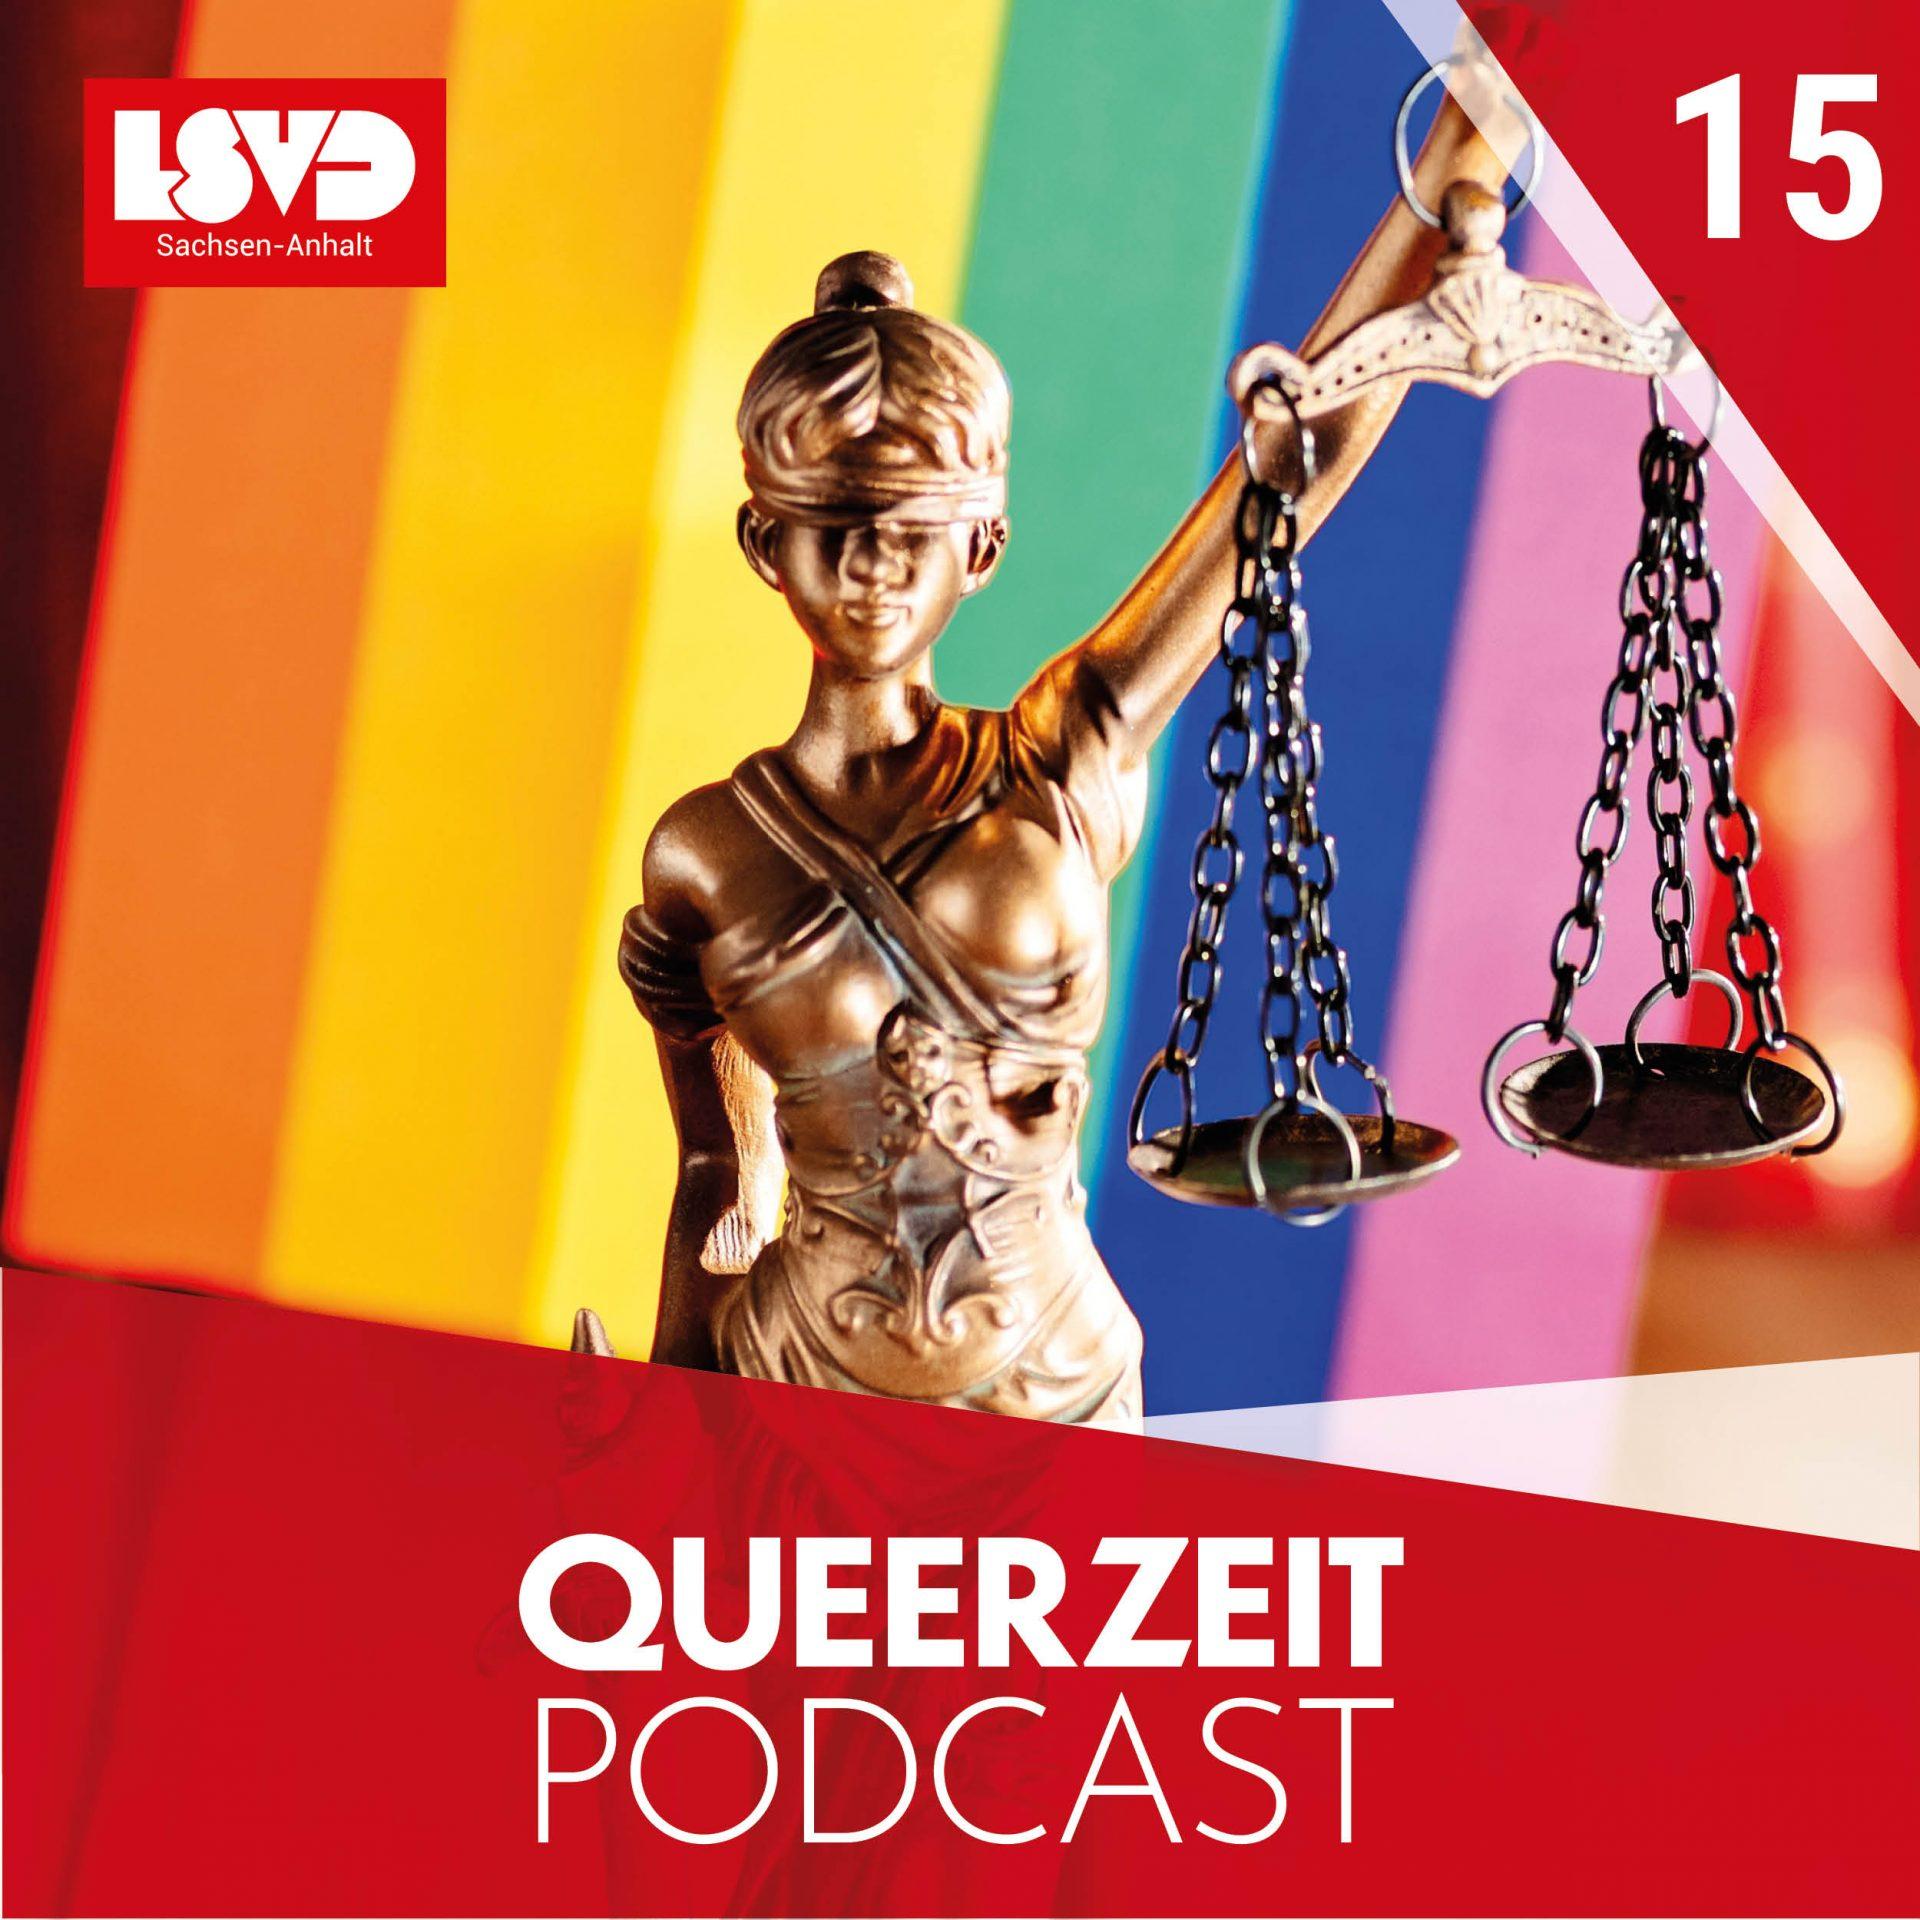 Queerzeit #15 – Landtagsbeschluss nach 30 Jahren Kampf